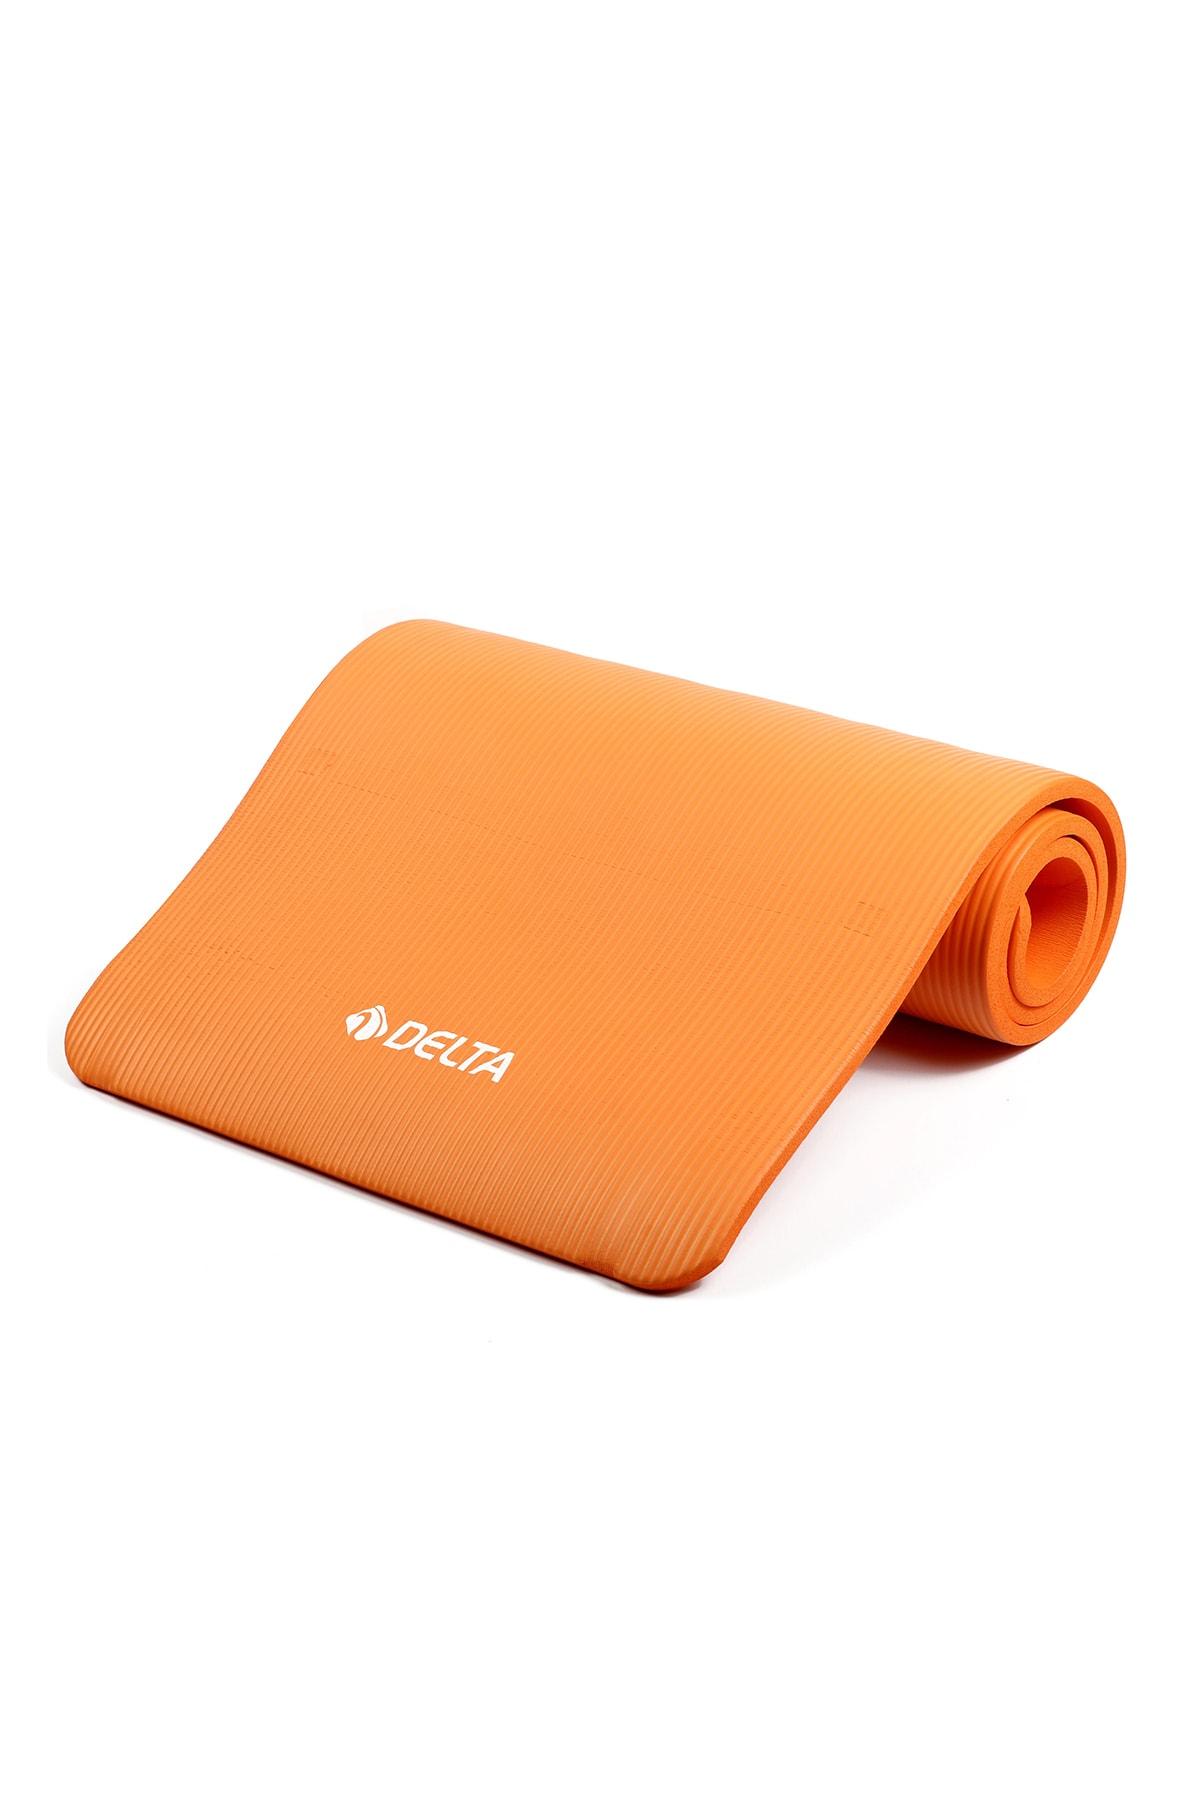 Delta Konfor Zemin Taşıma Askılı Pilates Minderi Yoga Matı 15 Mm 1